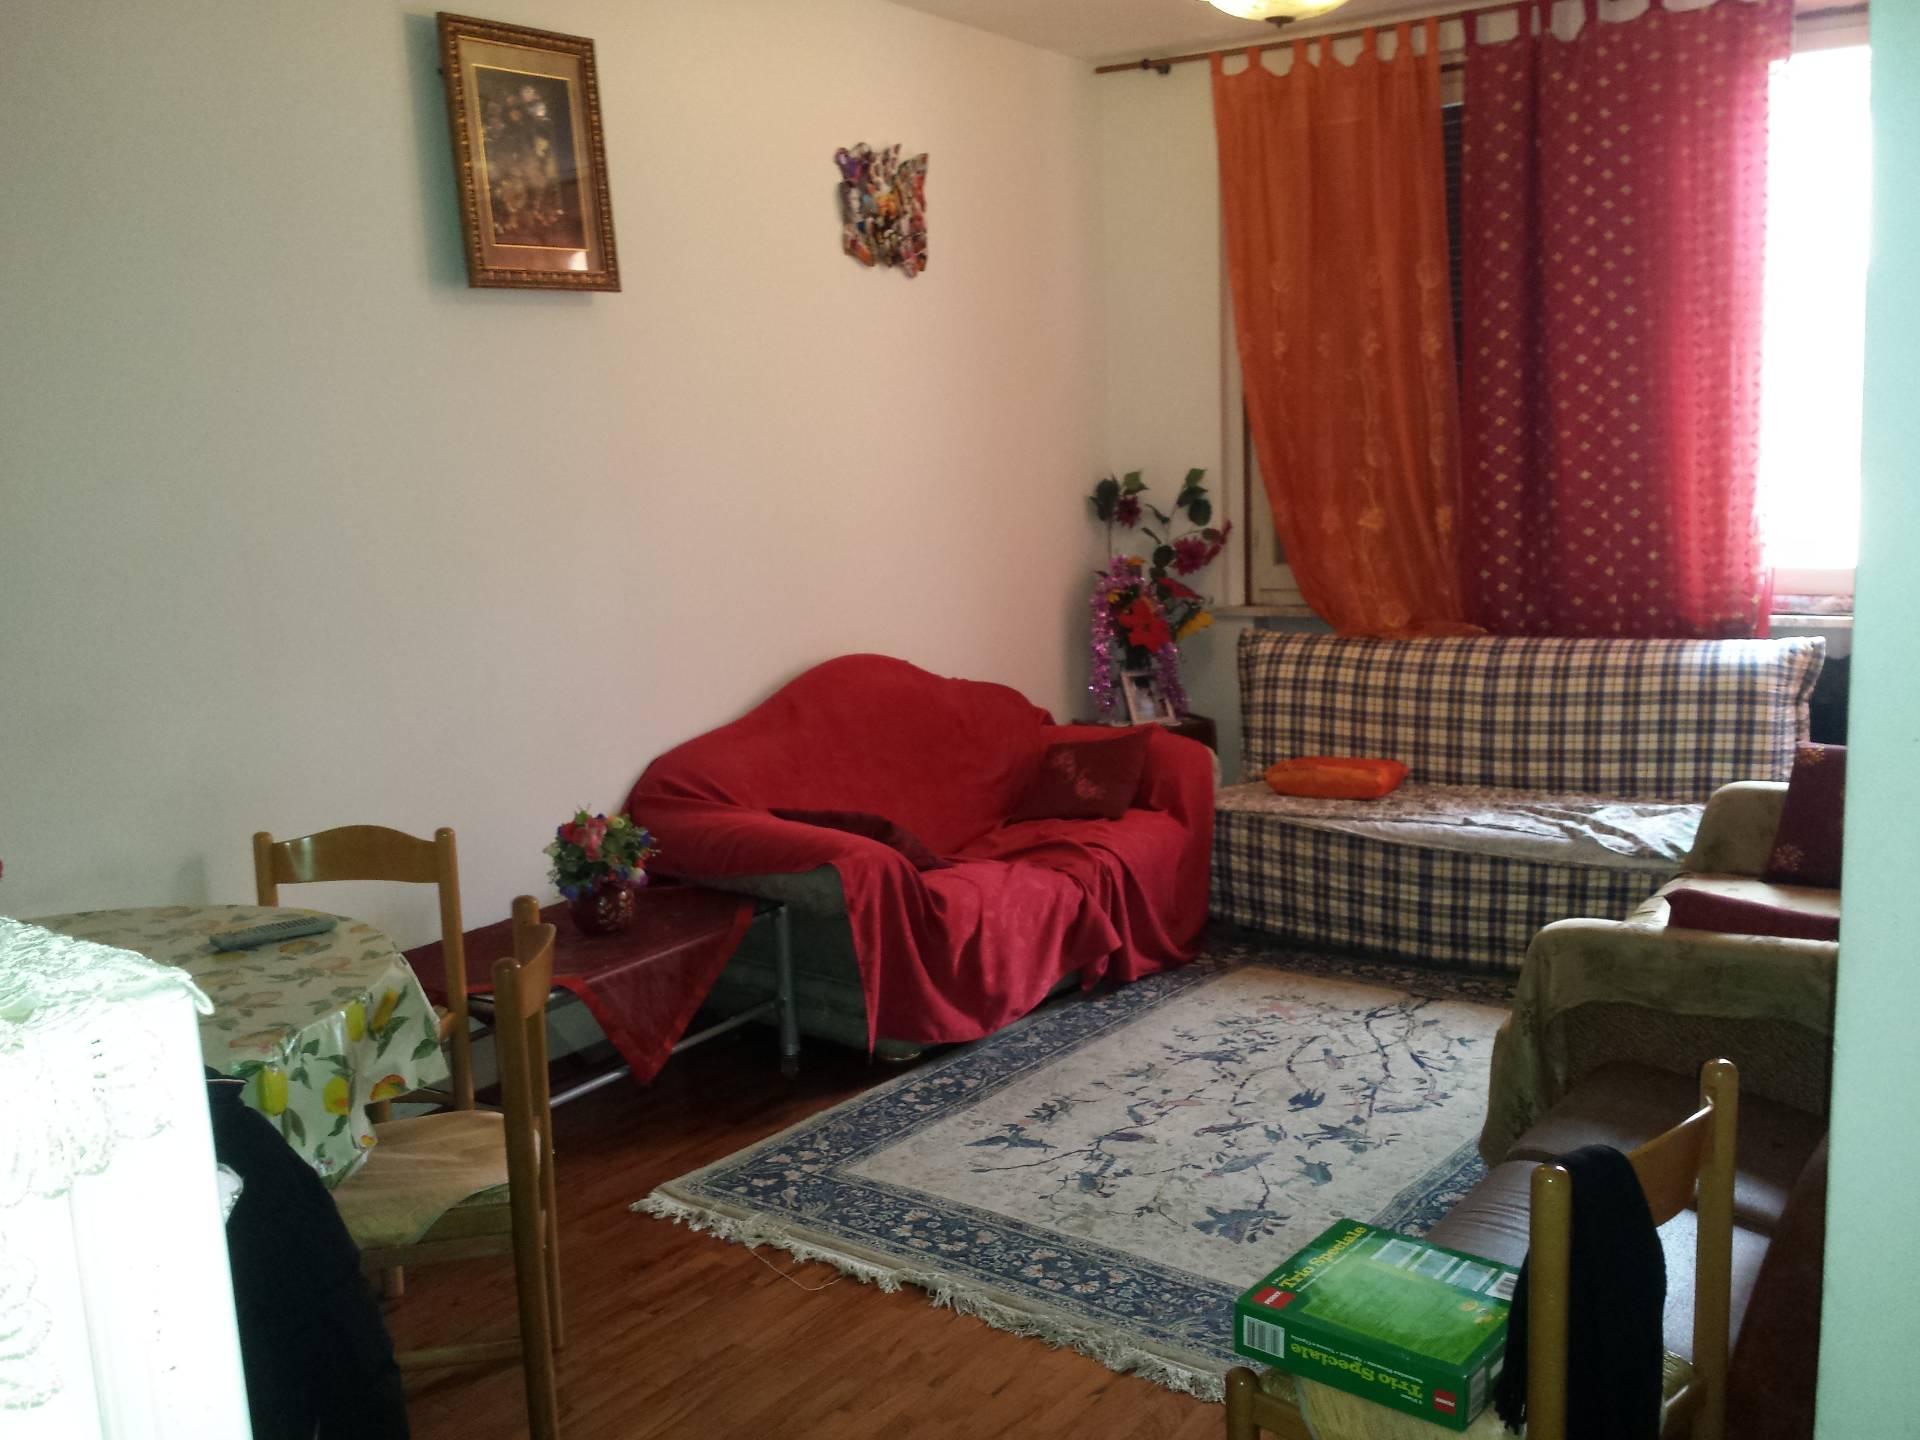 Appartamento in affitto a Lugo, 4 locali, zona Località: centro, prezzo € 450 | Cambio Casa.it